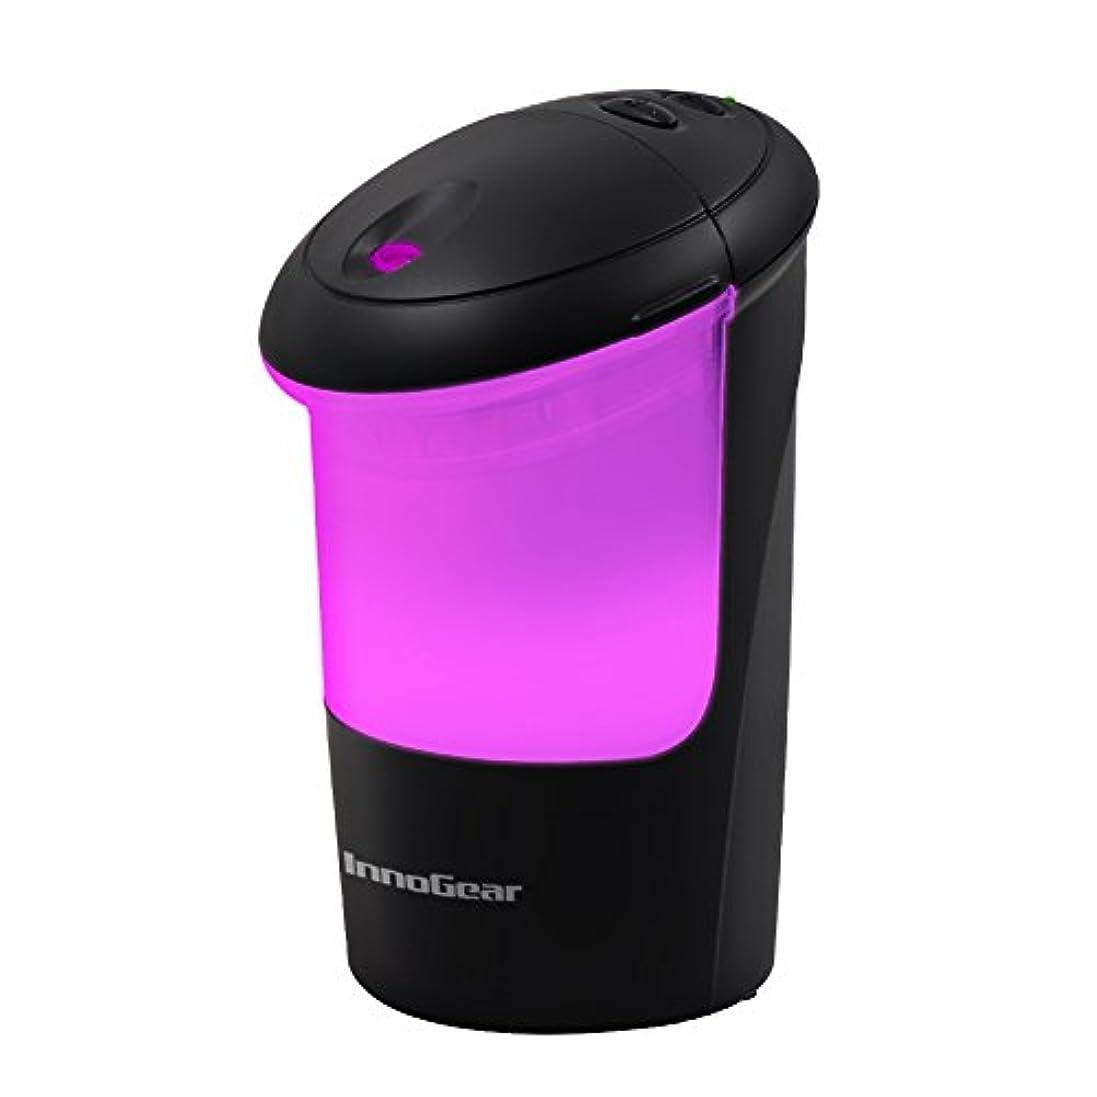 ワゴン憧れ加害者InnoGear USB車Essential Oil Diffuser Air Refresher超音波アロマテラピーDiffusers with 7カラフルなLEDライトオフィス旅行ホーム車の ブラック UD50